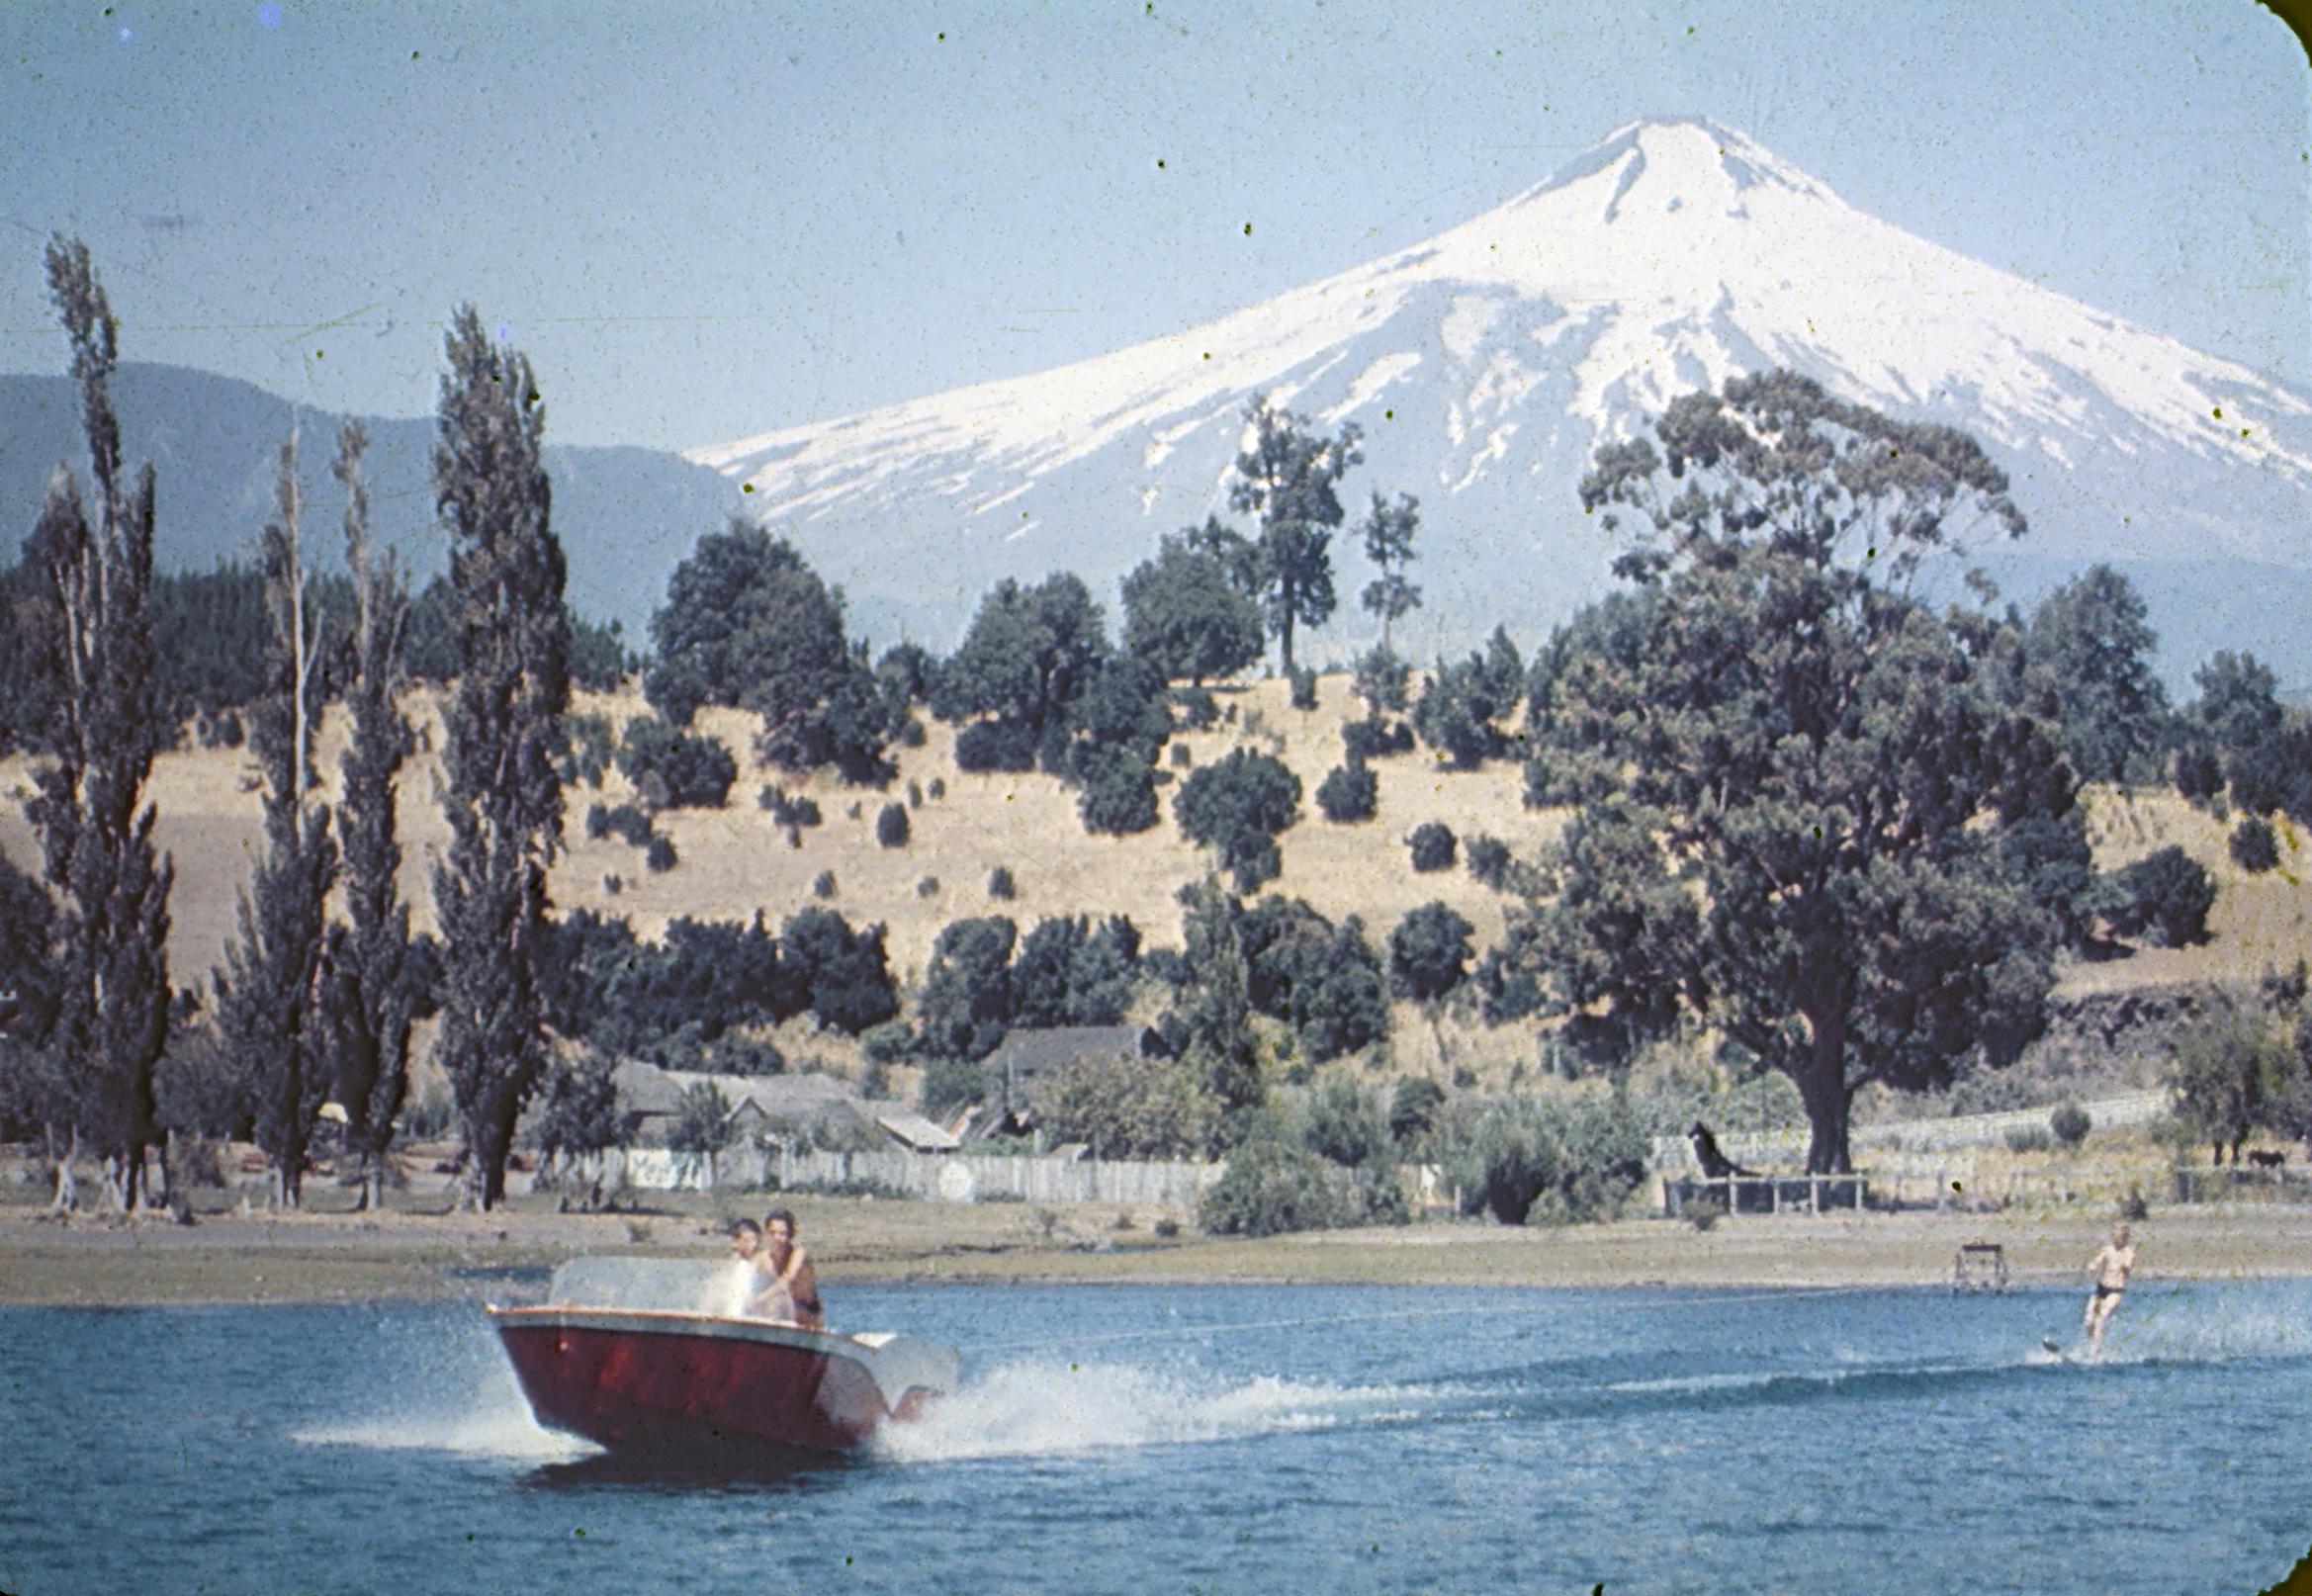 Enterreno - Fotos históricas de chile - fotos antiguas de Chile - Esquiando en Pucón, años 60s